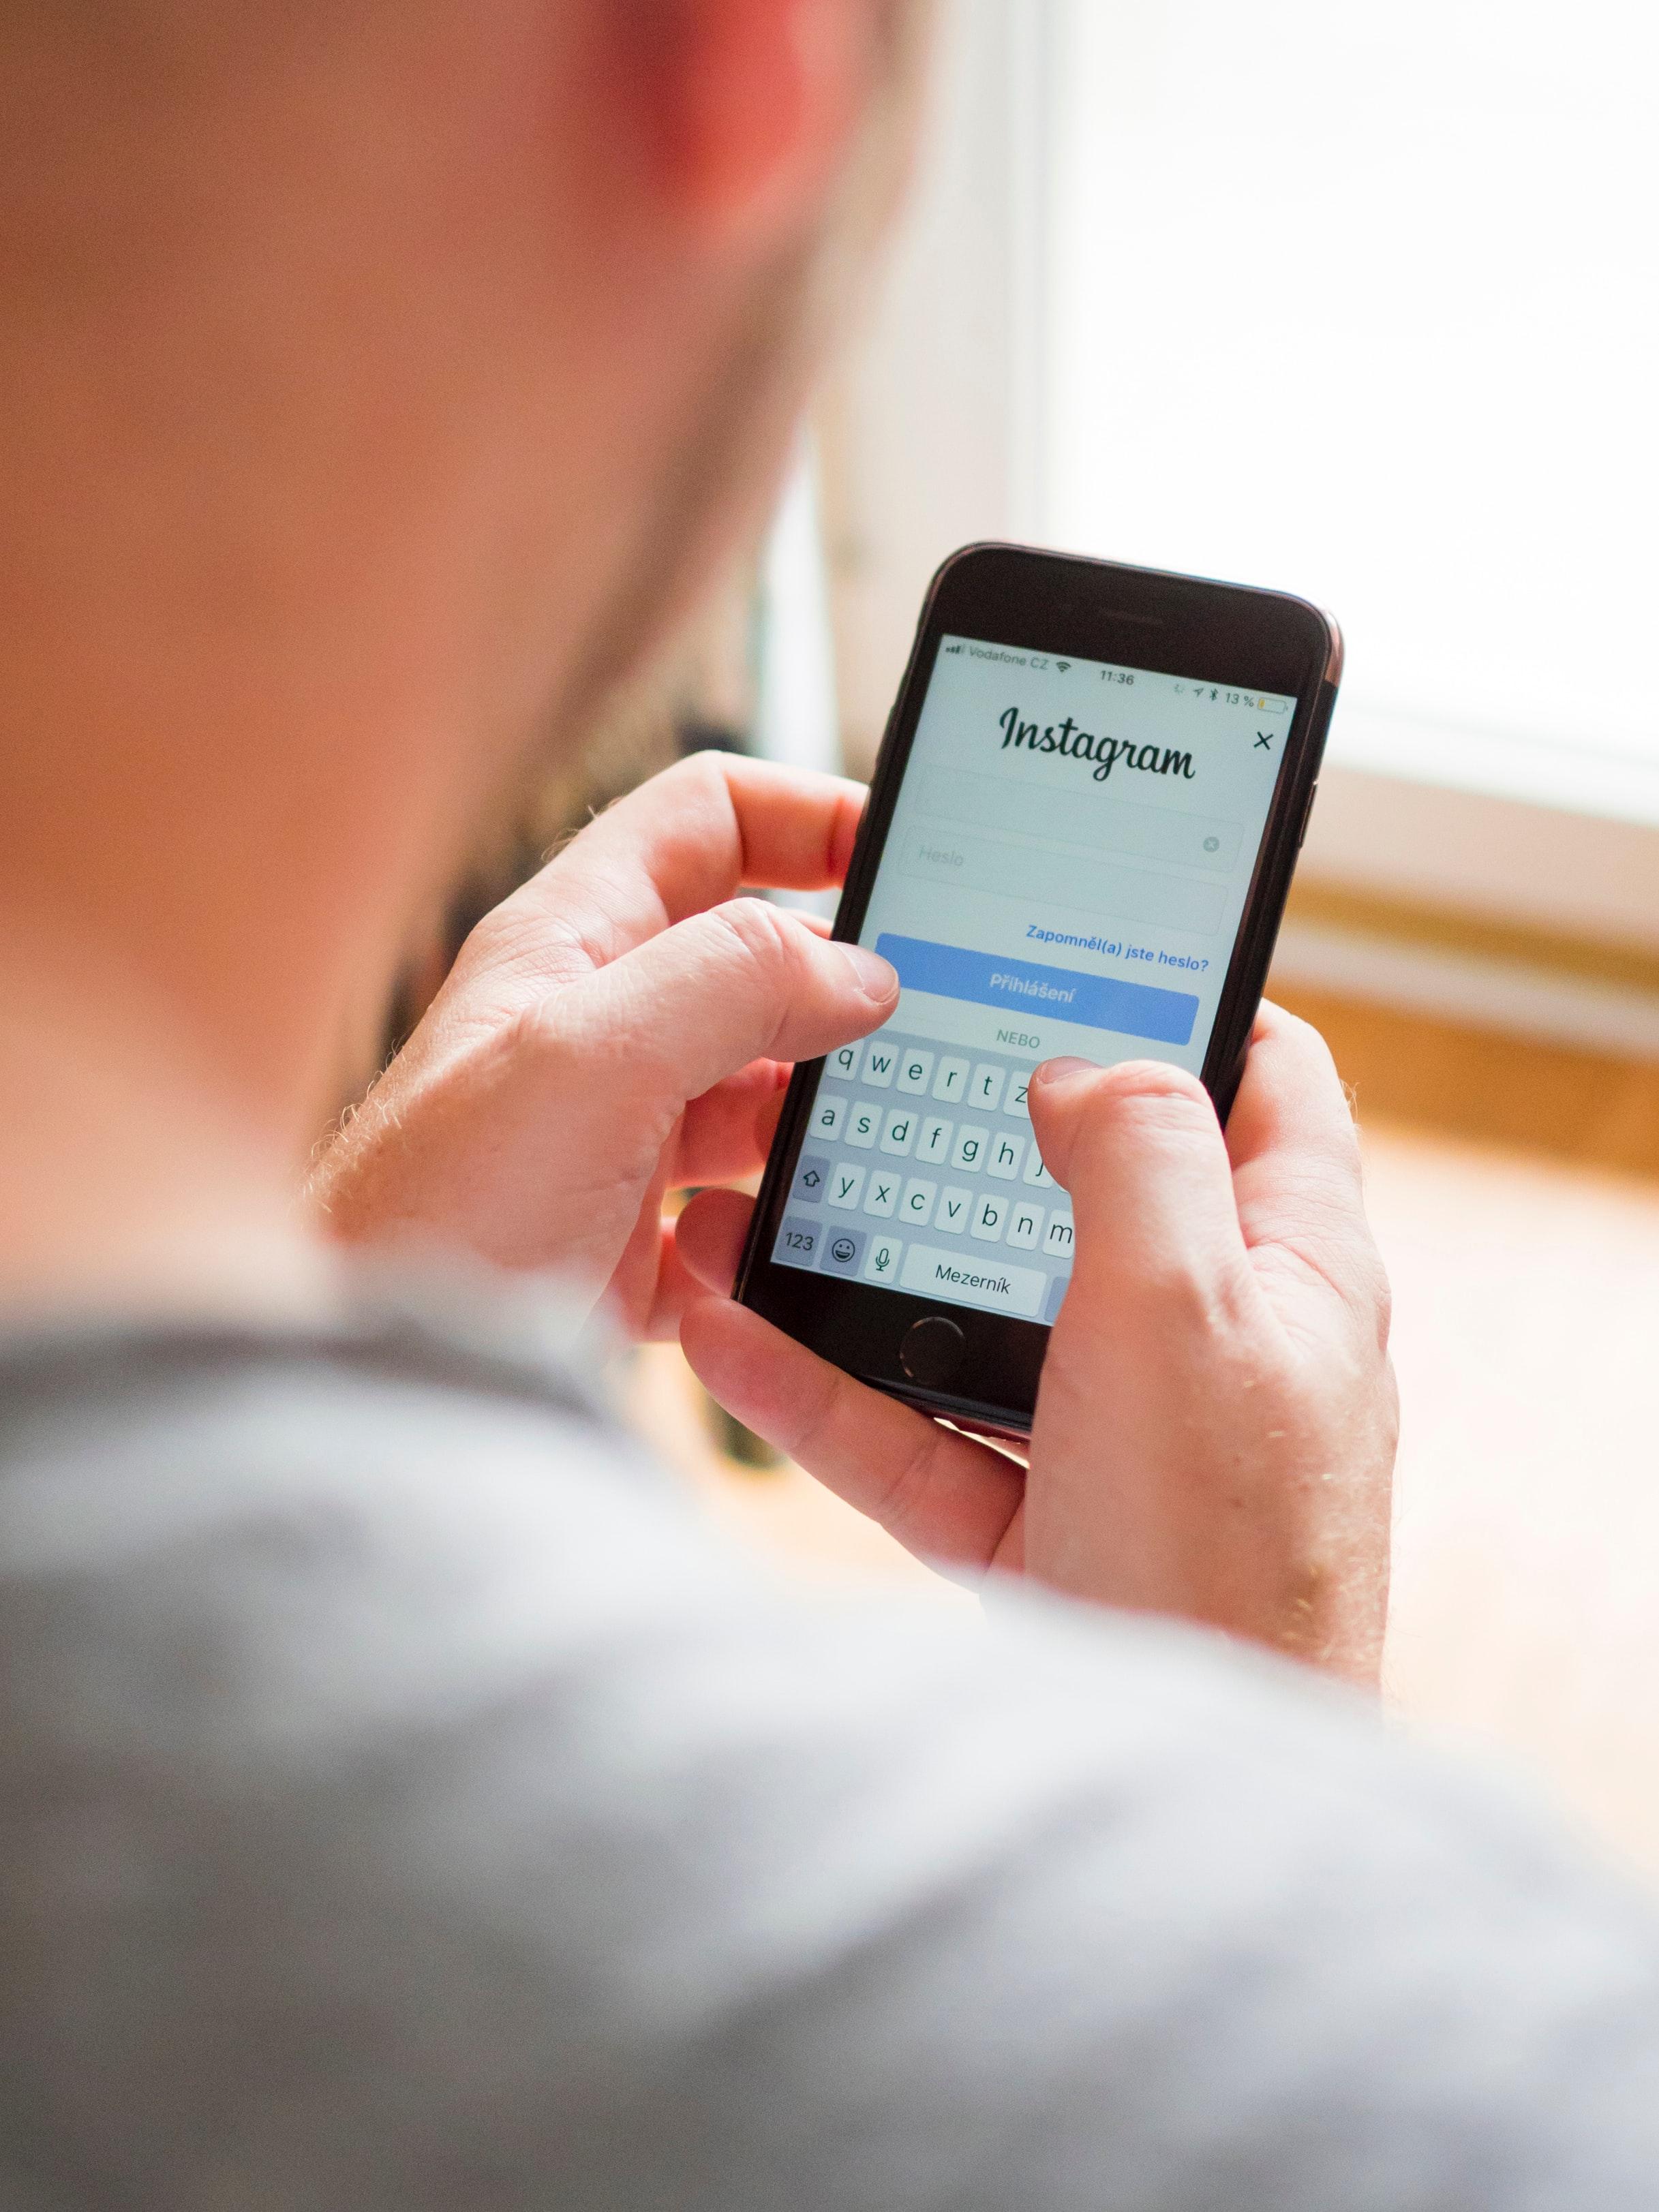 A po na përgjon instagrami… testuesit e iOS 14 bëjnë zbulimin e rëndësishëm